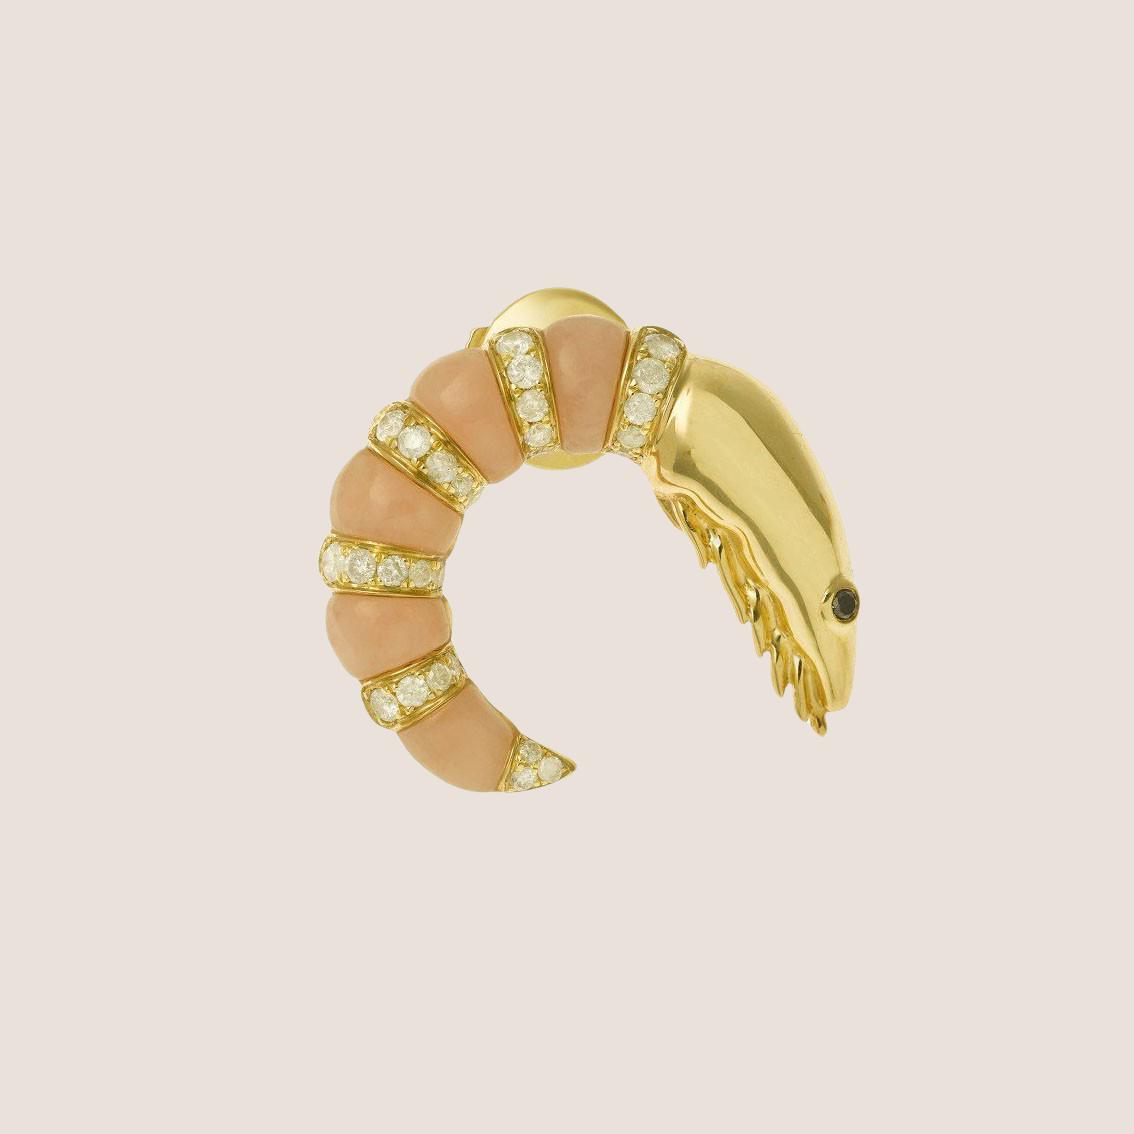 Earring Crevette Or June